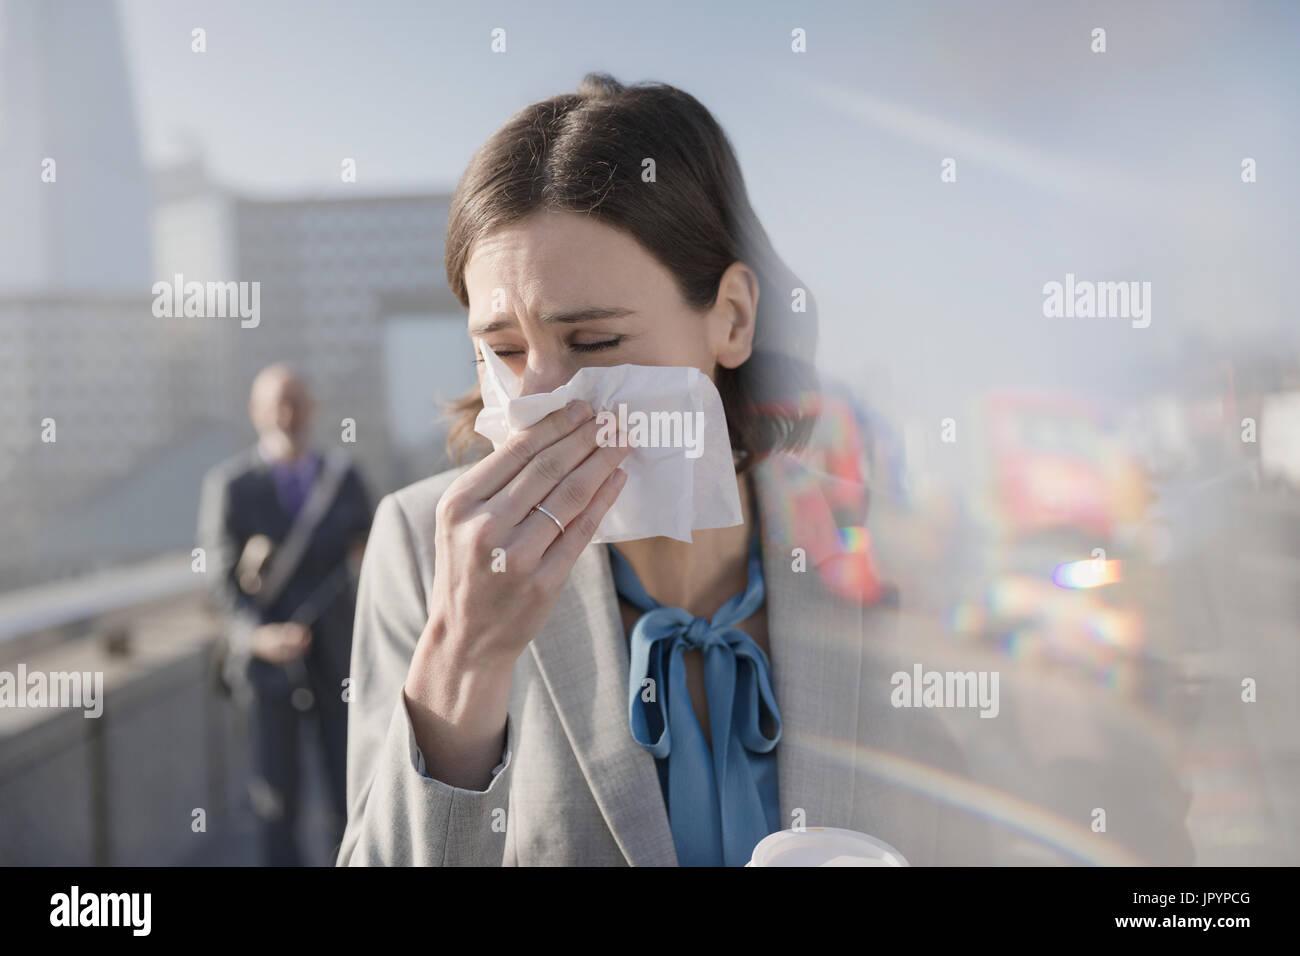 La empresaria con alergias sonarse la nariz en el tejido urbano de sol acera Imagen De Stock